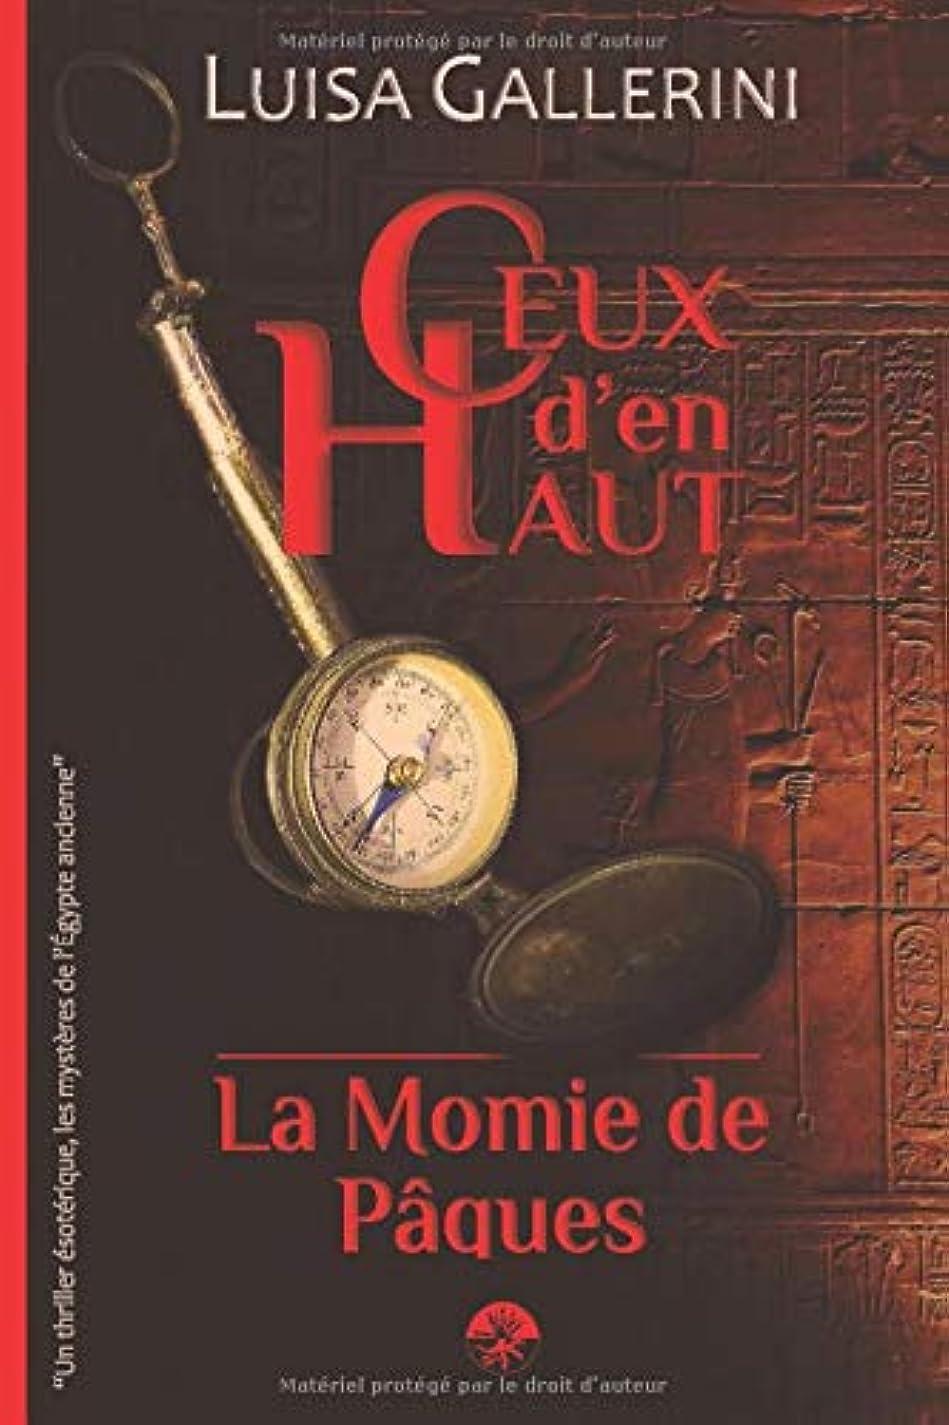 そばに荒らすケントLa Momie de Paques: Un thriller ésotérique, les mystères de l'Egypte ancienne (Ceux d'en haut - Livre 1) (Ceux d'en haut)